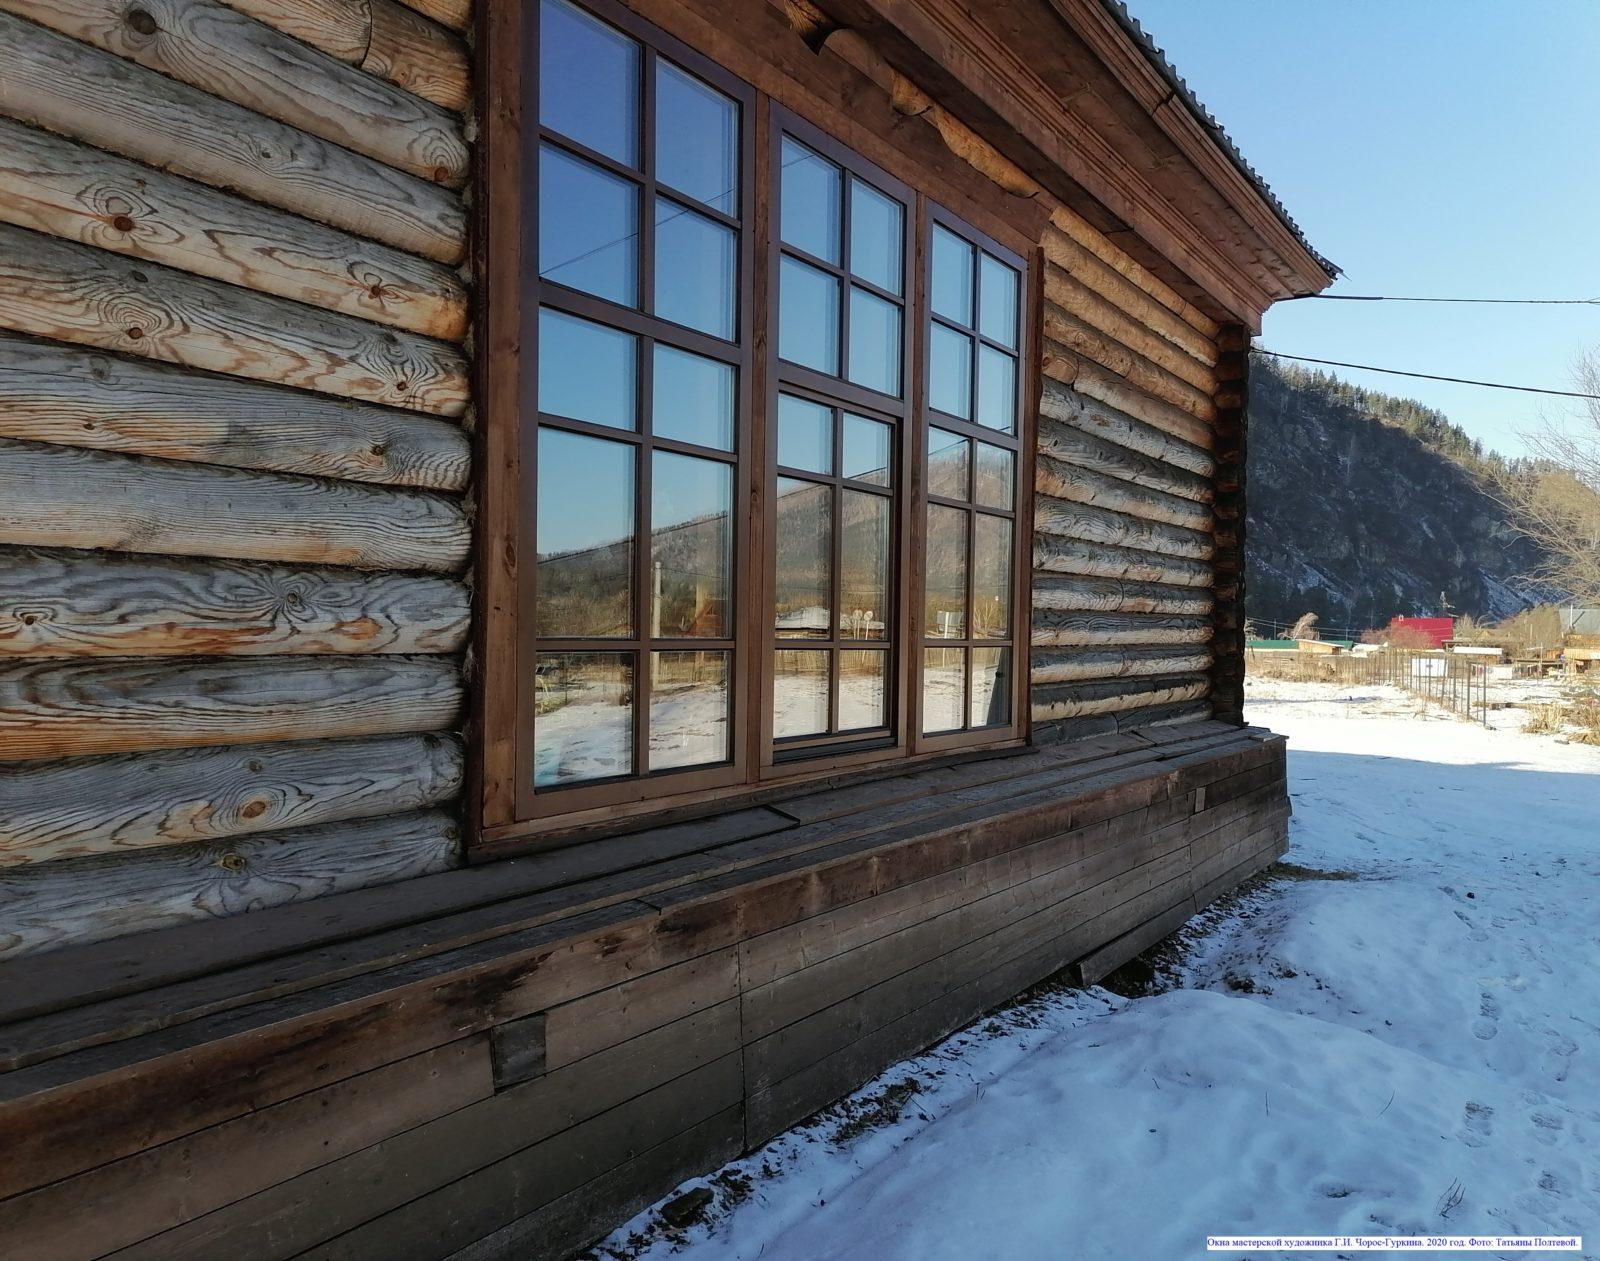 Окна мастерской художника Г.И. Чорос-Гуркина. 2020 год.